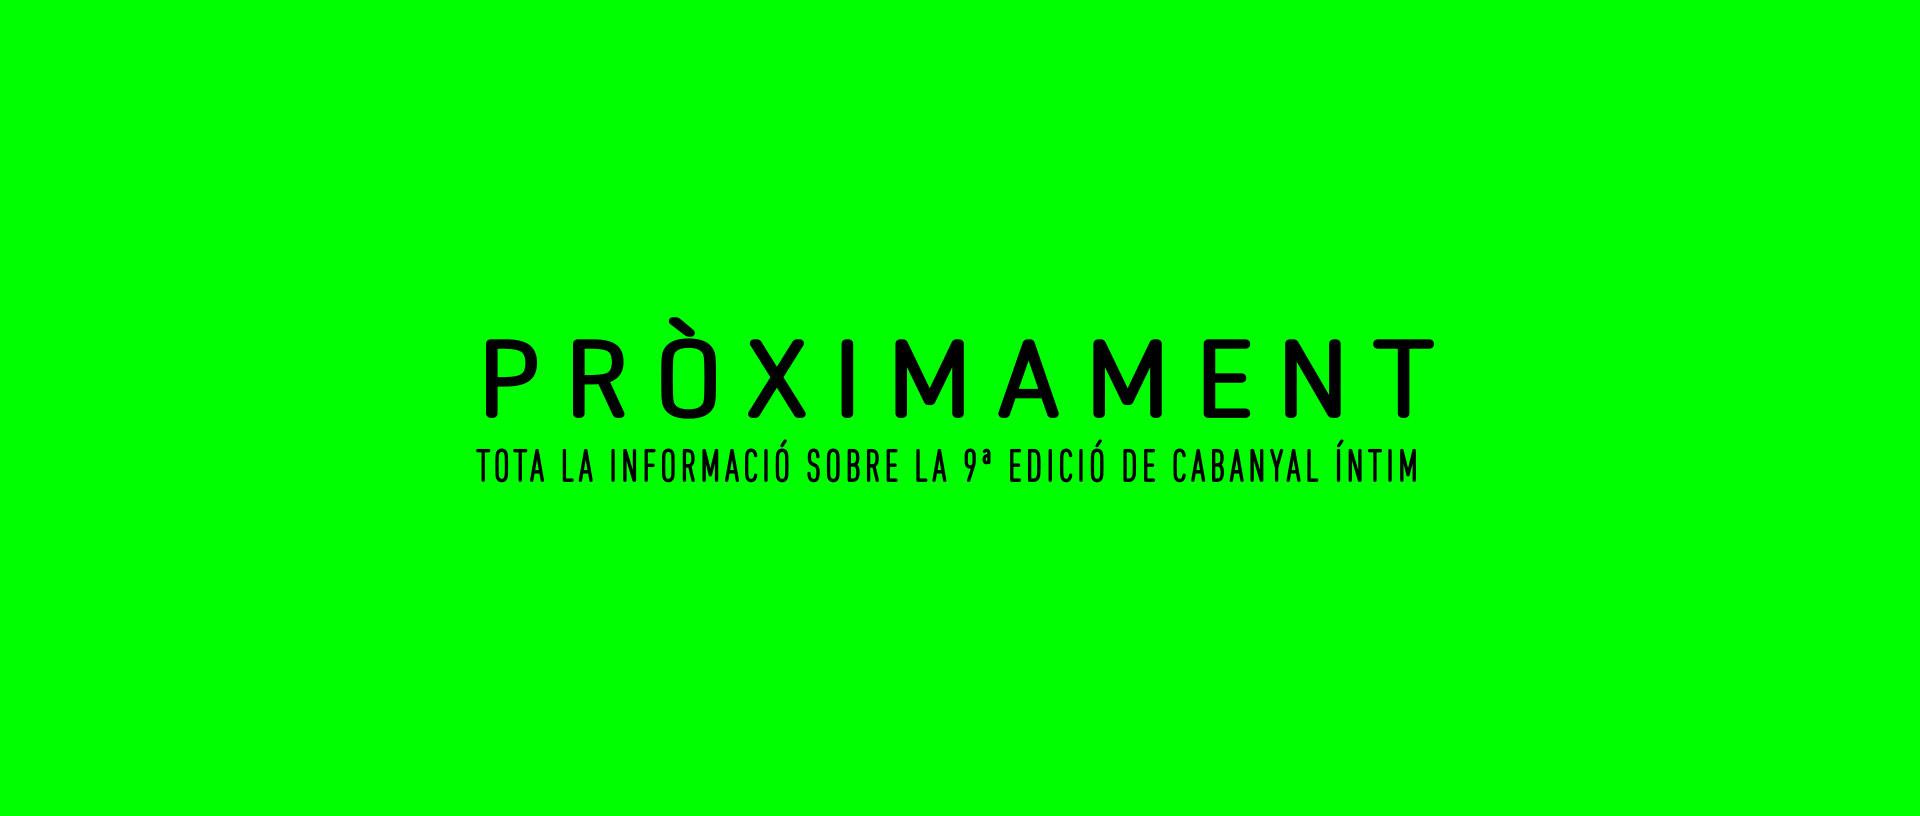 05_PROXIMAMENT